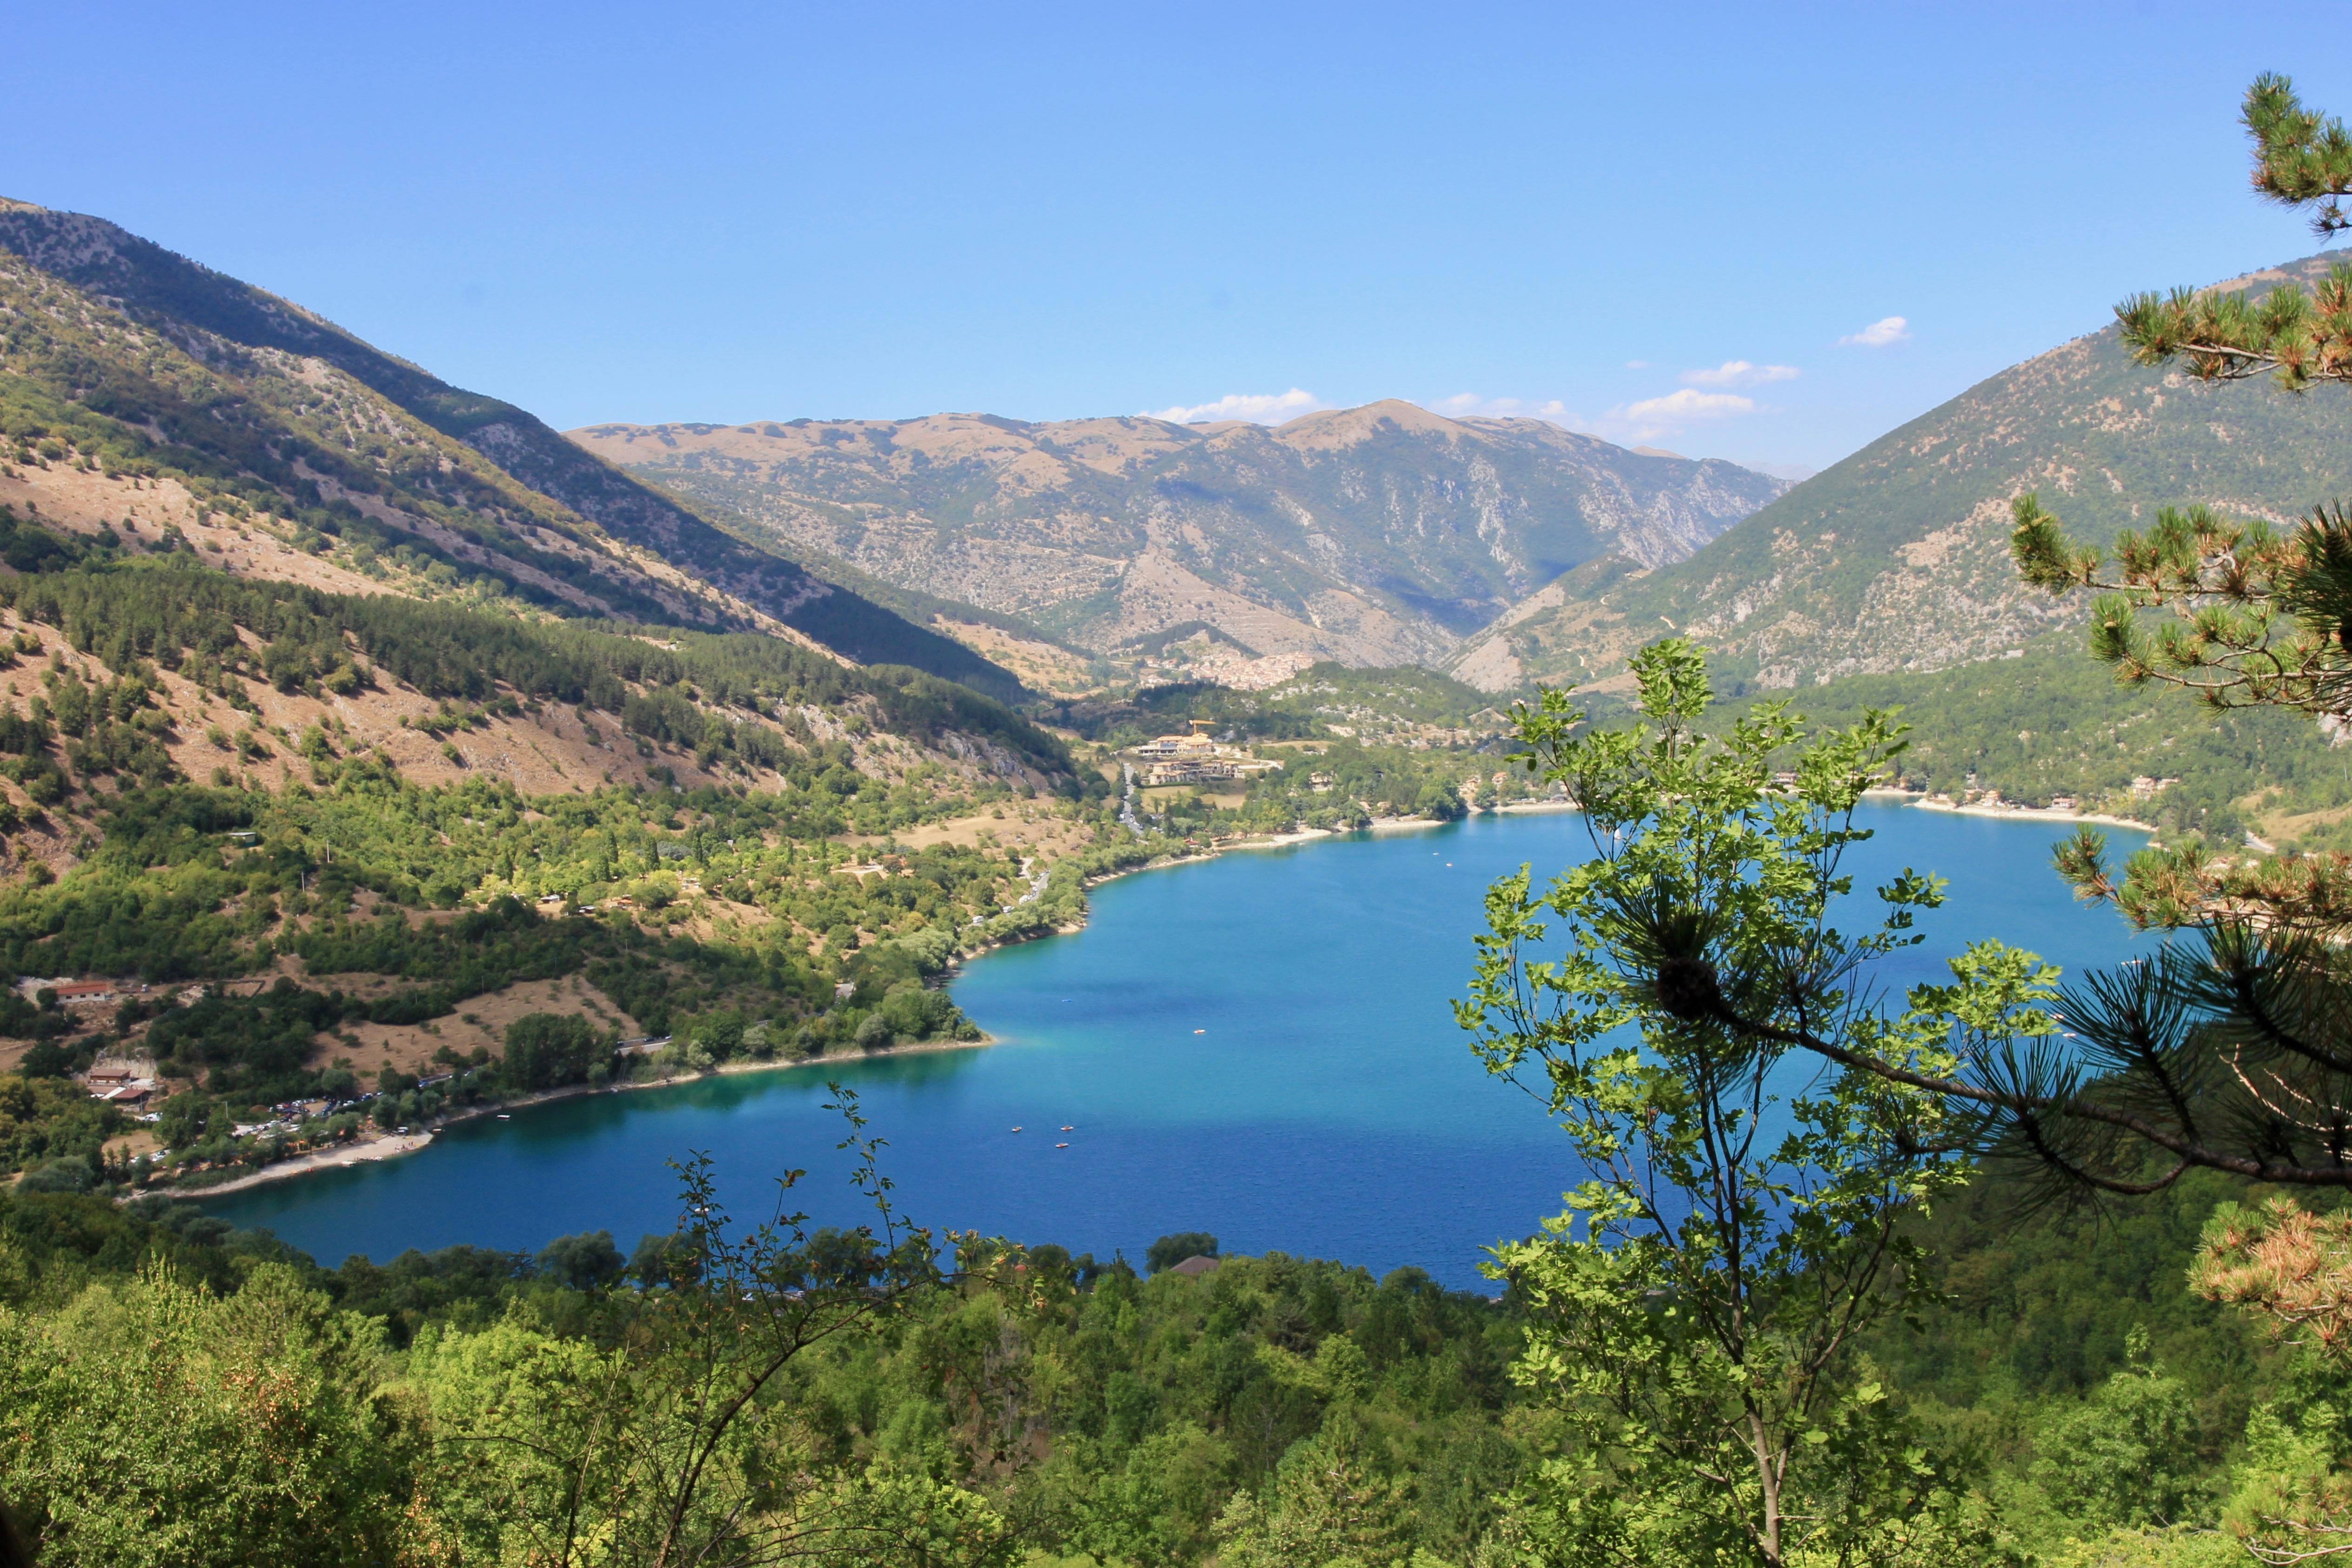 Lago di Scanno in Abruzzo